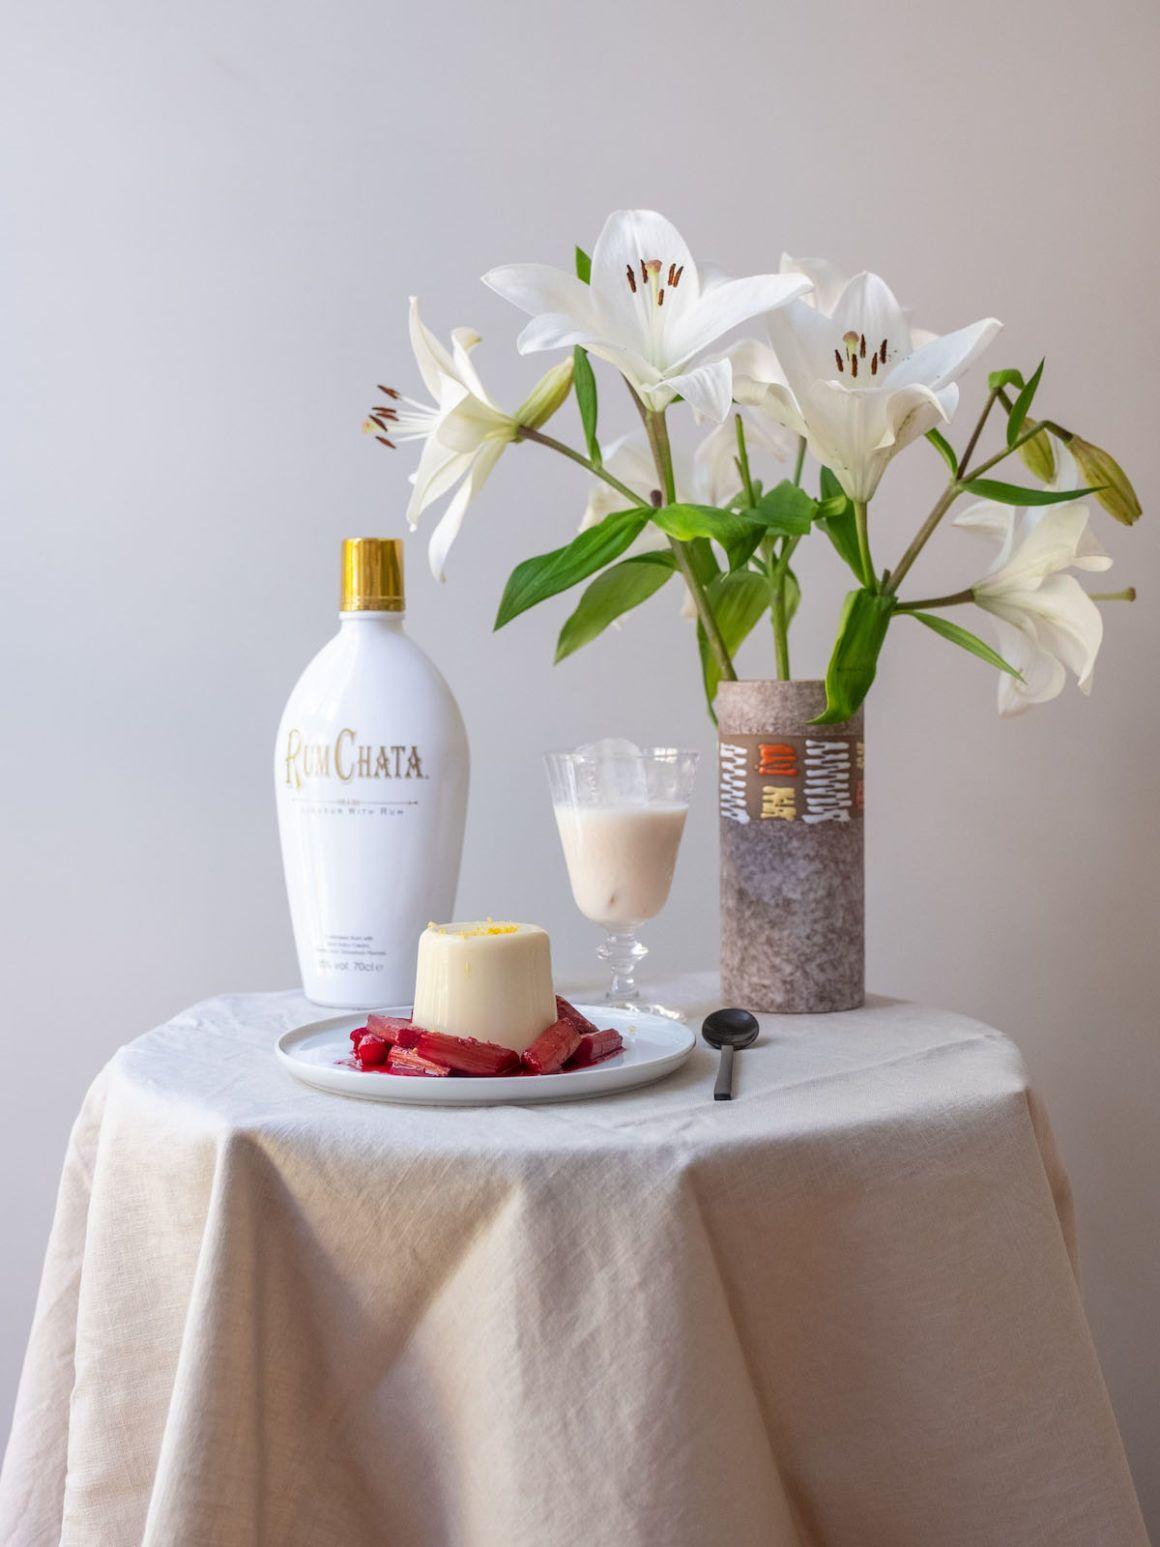 Foodblog, About Fuel, Rezept, Rhabarber, Panna Cotta, Likör, Dessert